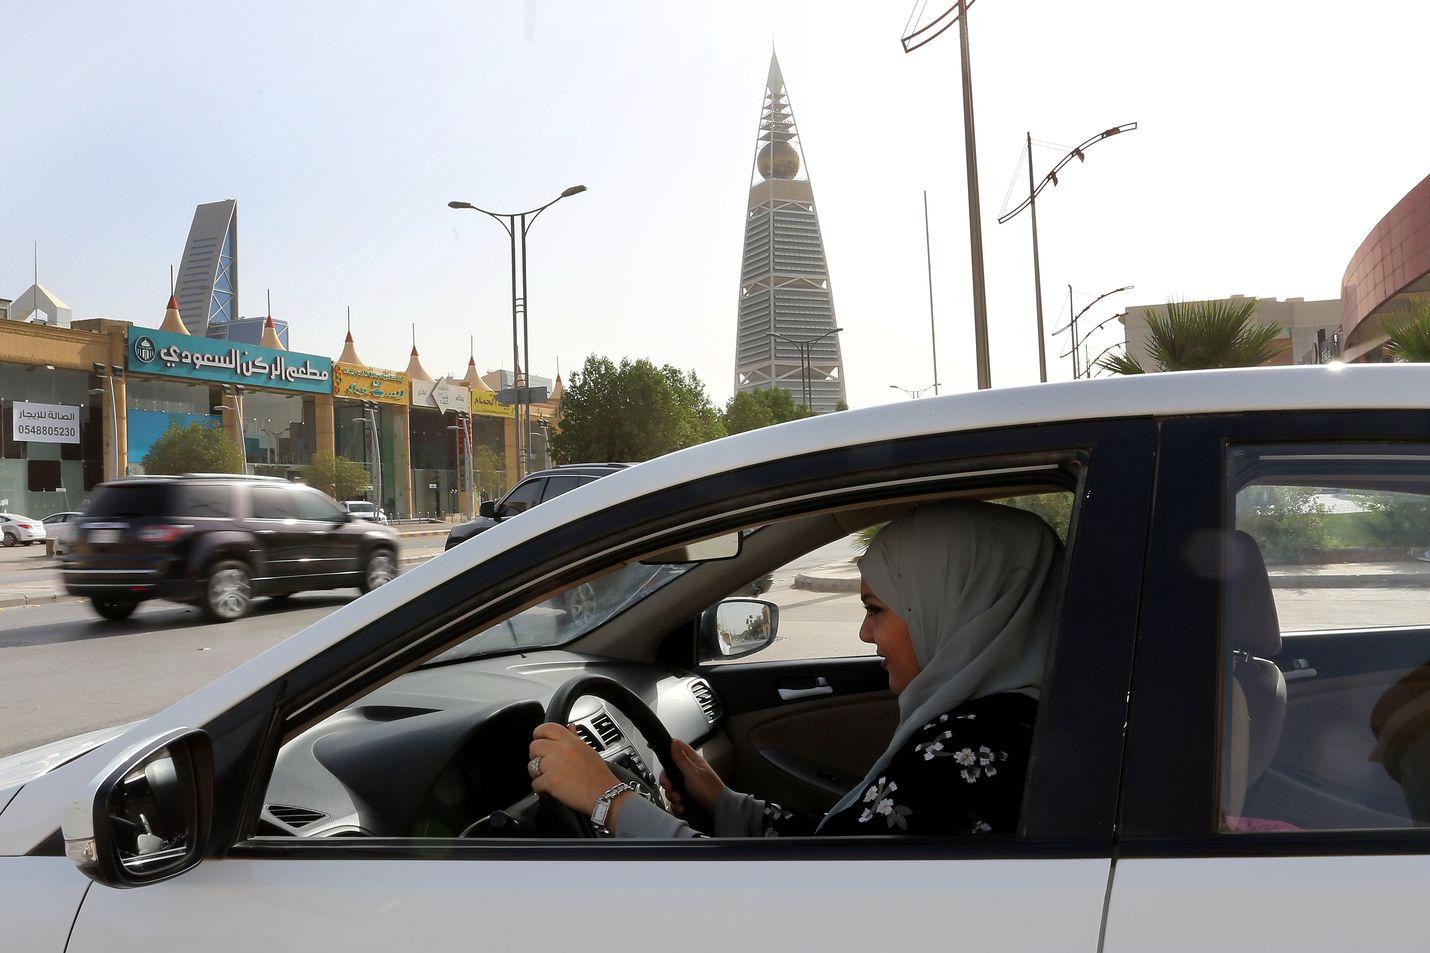 Naiset ovat saaneet ajaa autoa Saudi-Arabiassa vuoden 2018 kesäkuusta lähtien. Arkistokuva.